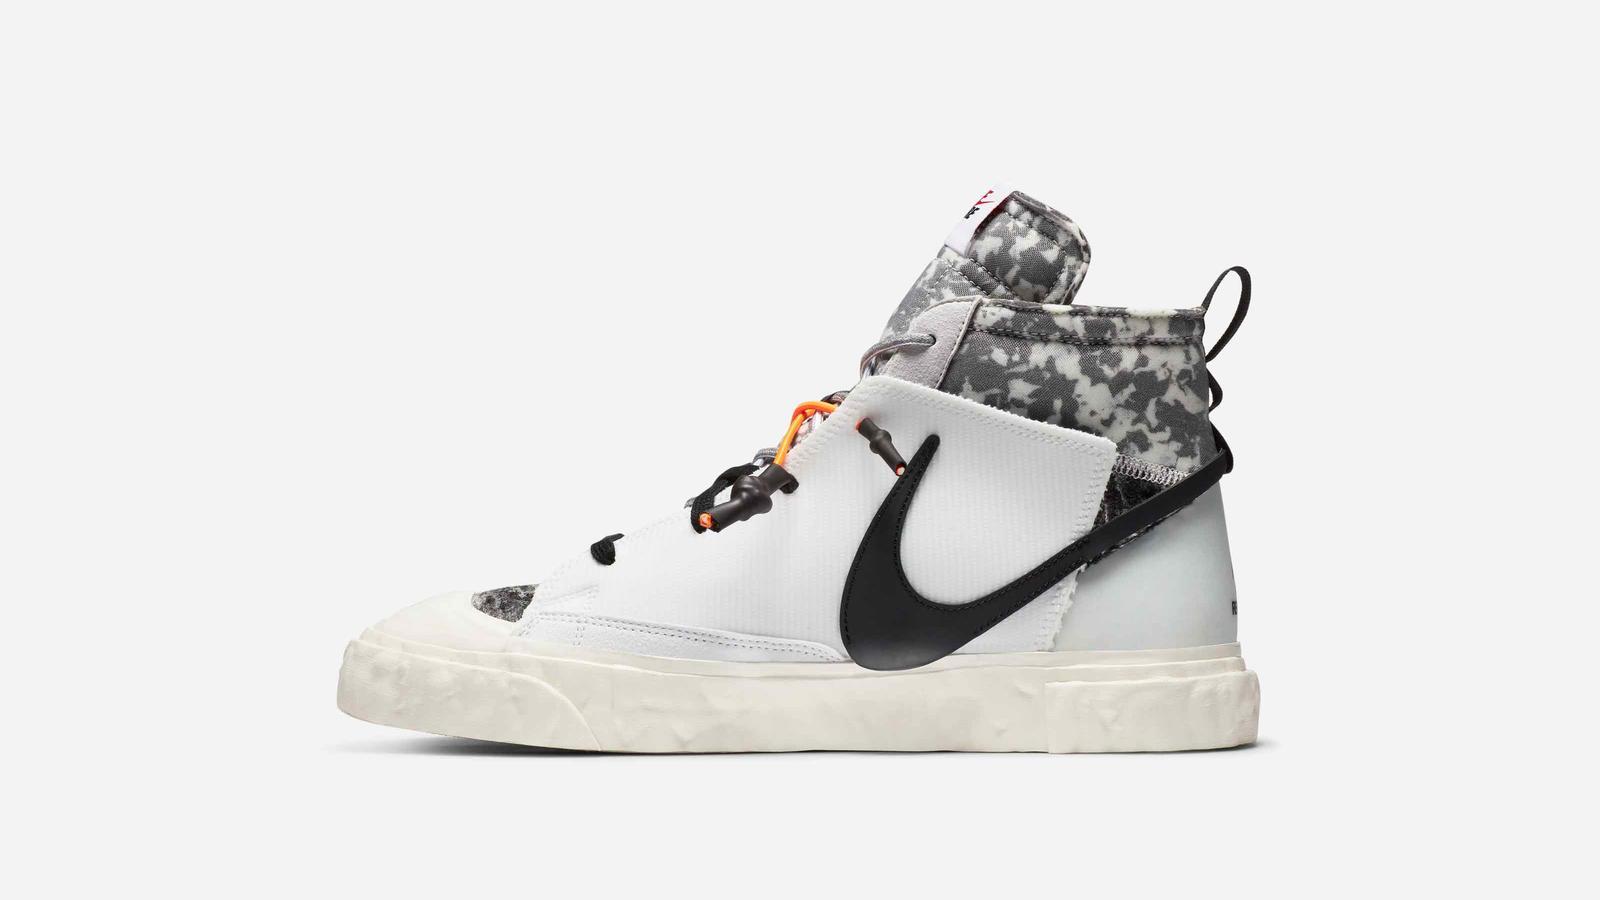 Nike x Readymade Blazer Mid 9